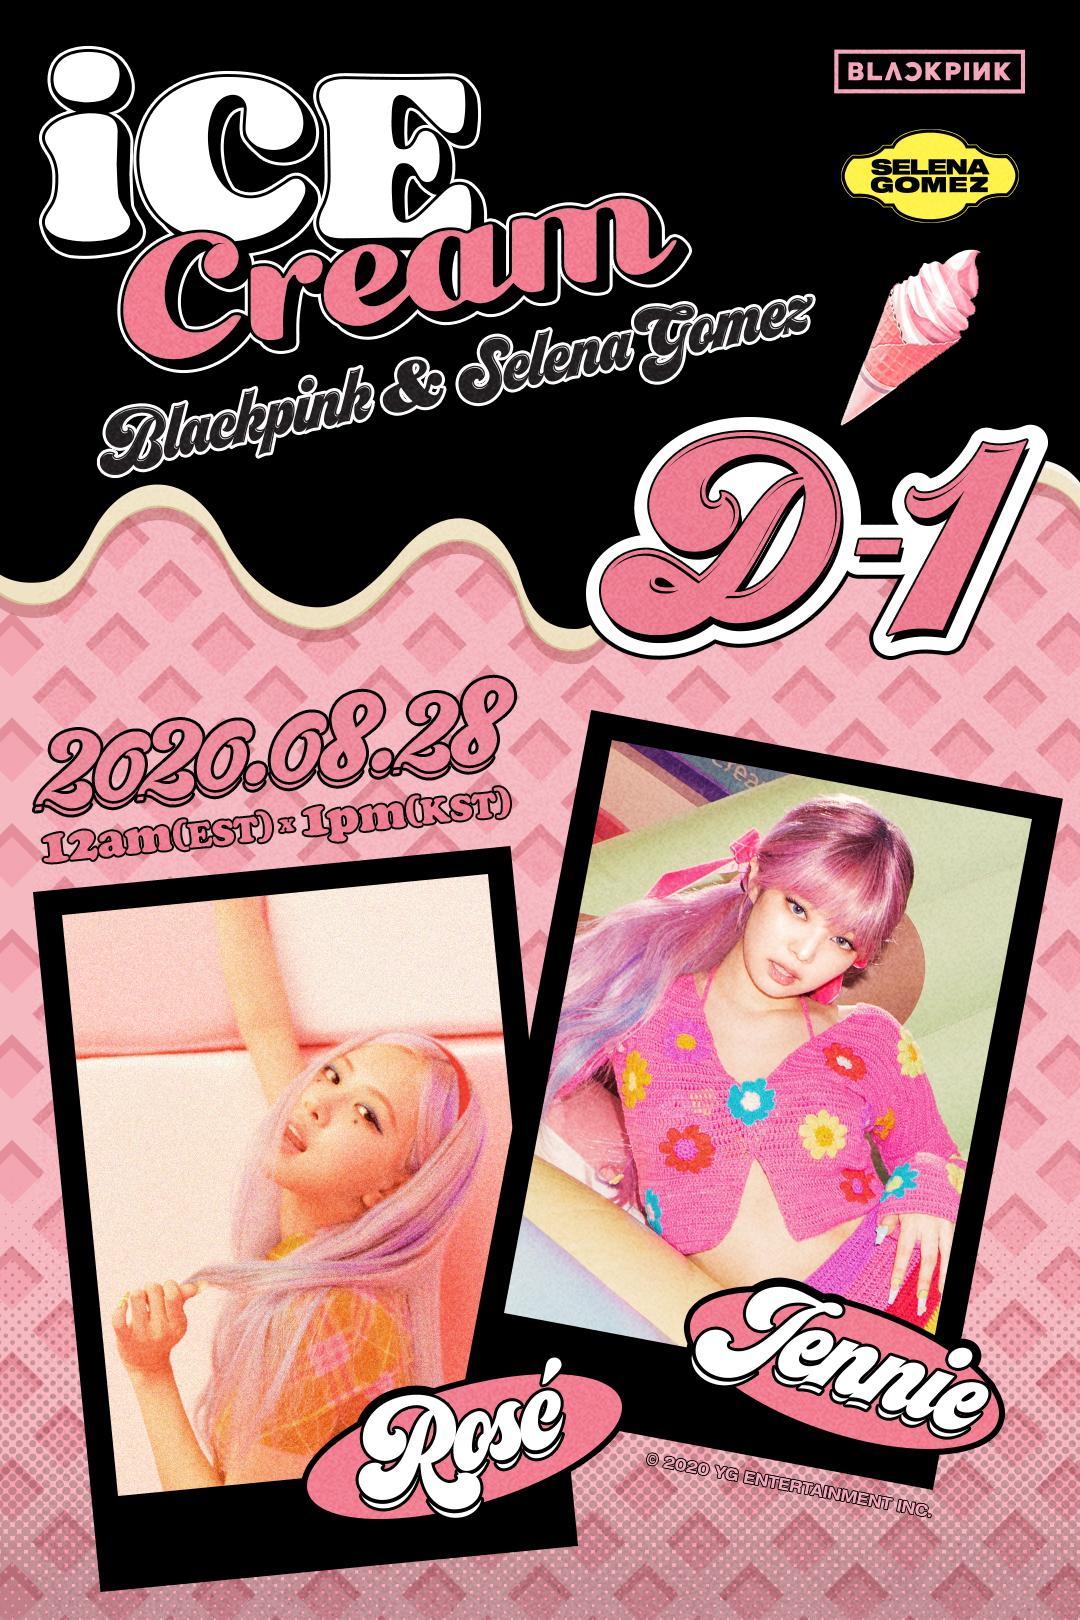 Blackpink X Selena Gomez Ice Cream D 1 Poster